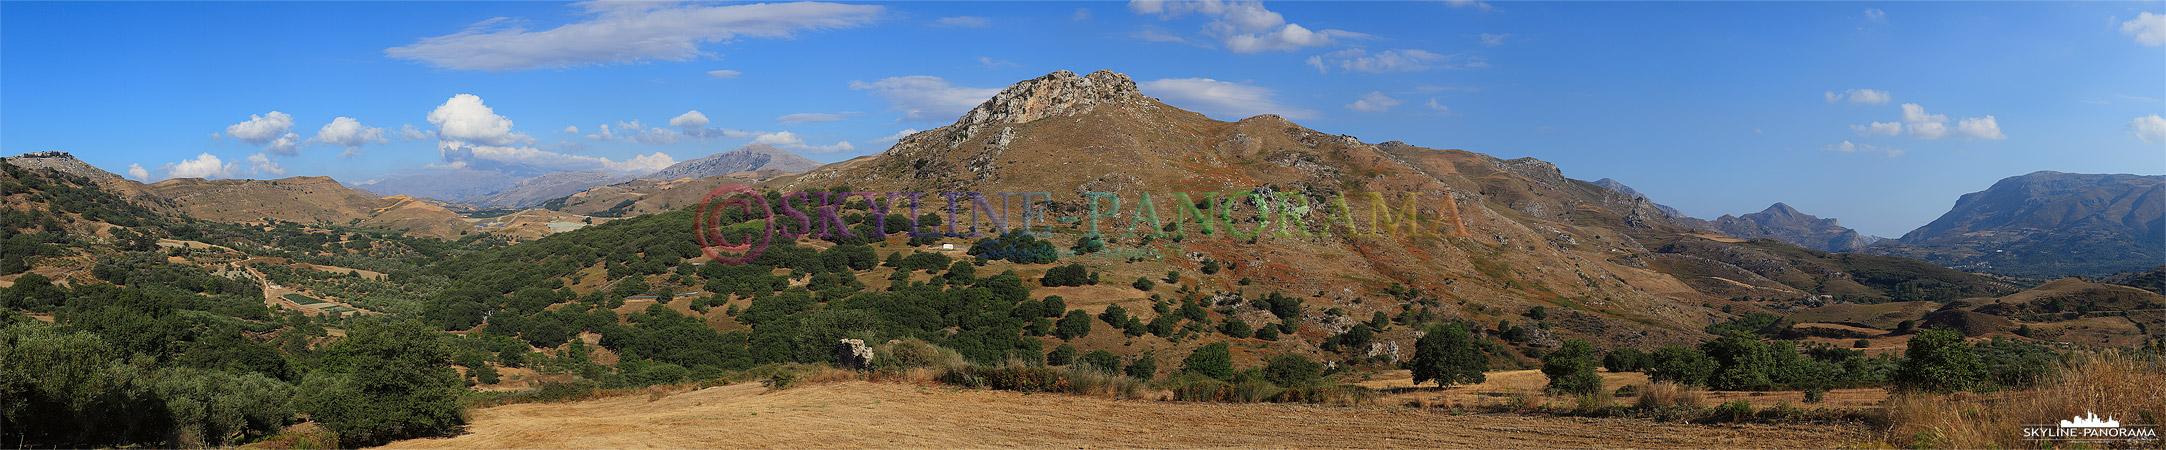 Das Landesinnere von Kreta ist von zahlreichen Hügeln und Berghängen durchzogen, dieses Panorama ist auf der Fahrt von Rethymnon nach Agia Galini entstanden.